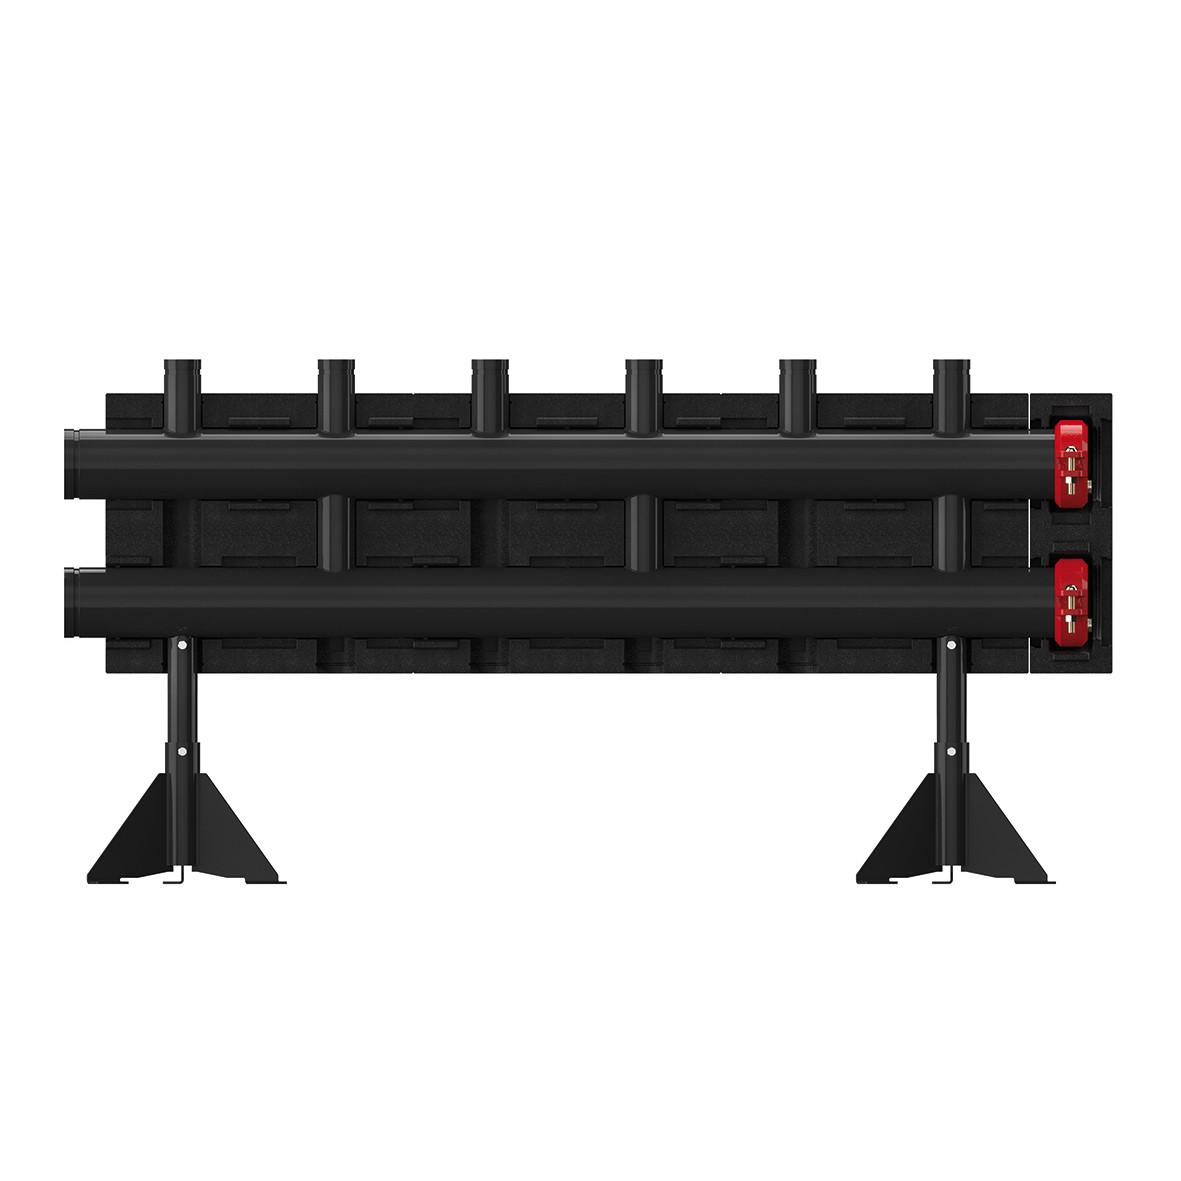 Напольные распределители (коллектор) на 3 контура - Meibes  MeiFlow L MF -280 кВт